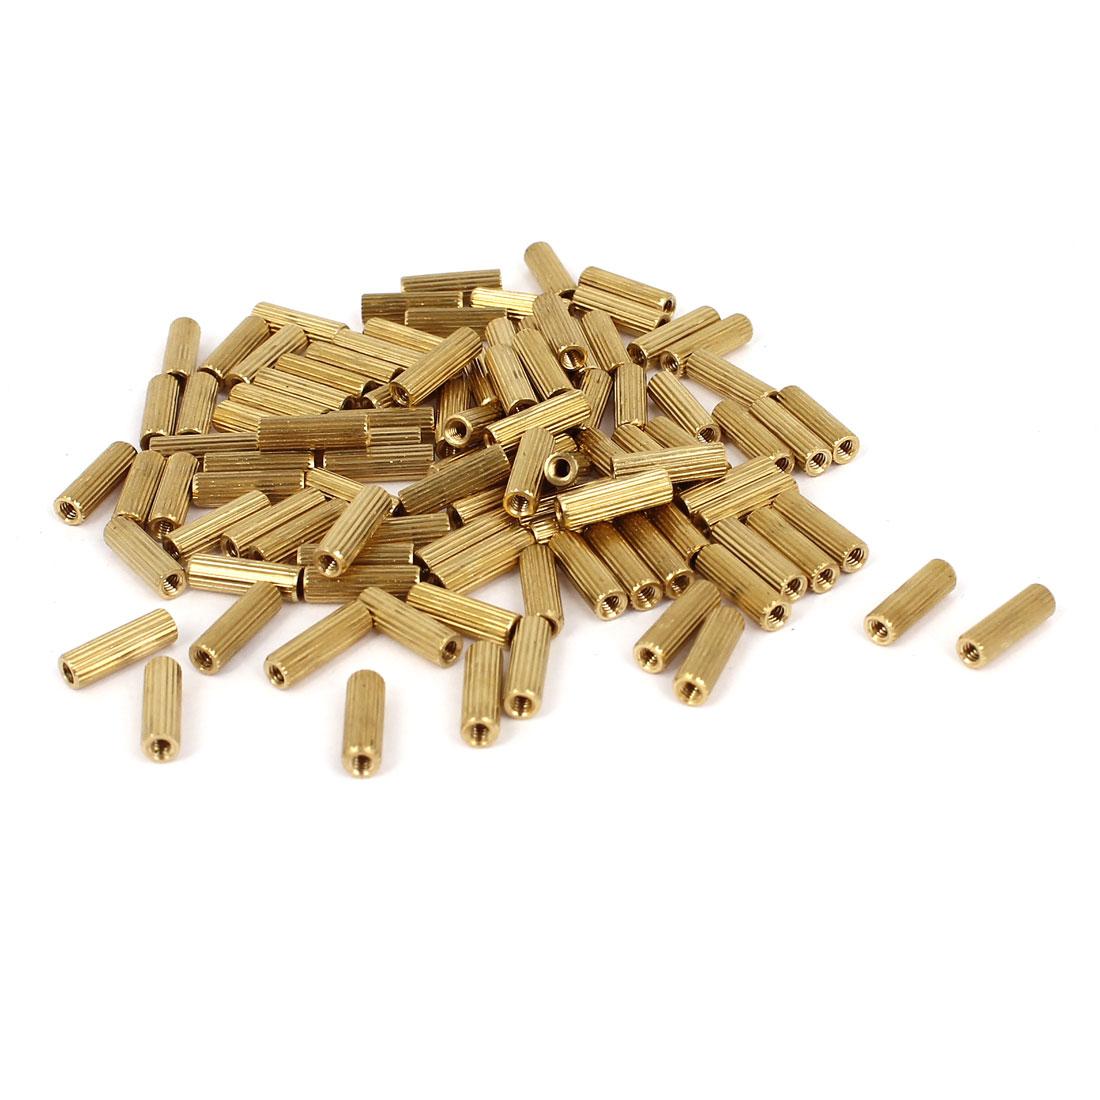 100 Pcs M2x10mm Cylinder Brass Female Spacer Nut Screw Standoffs Pillars